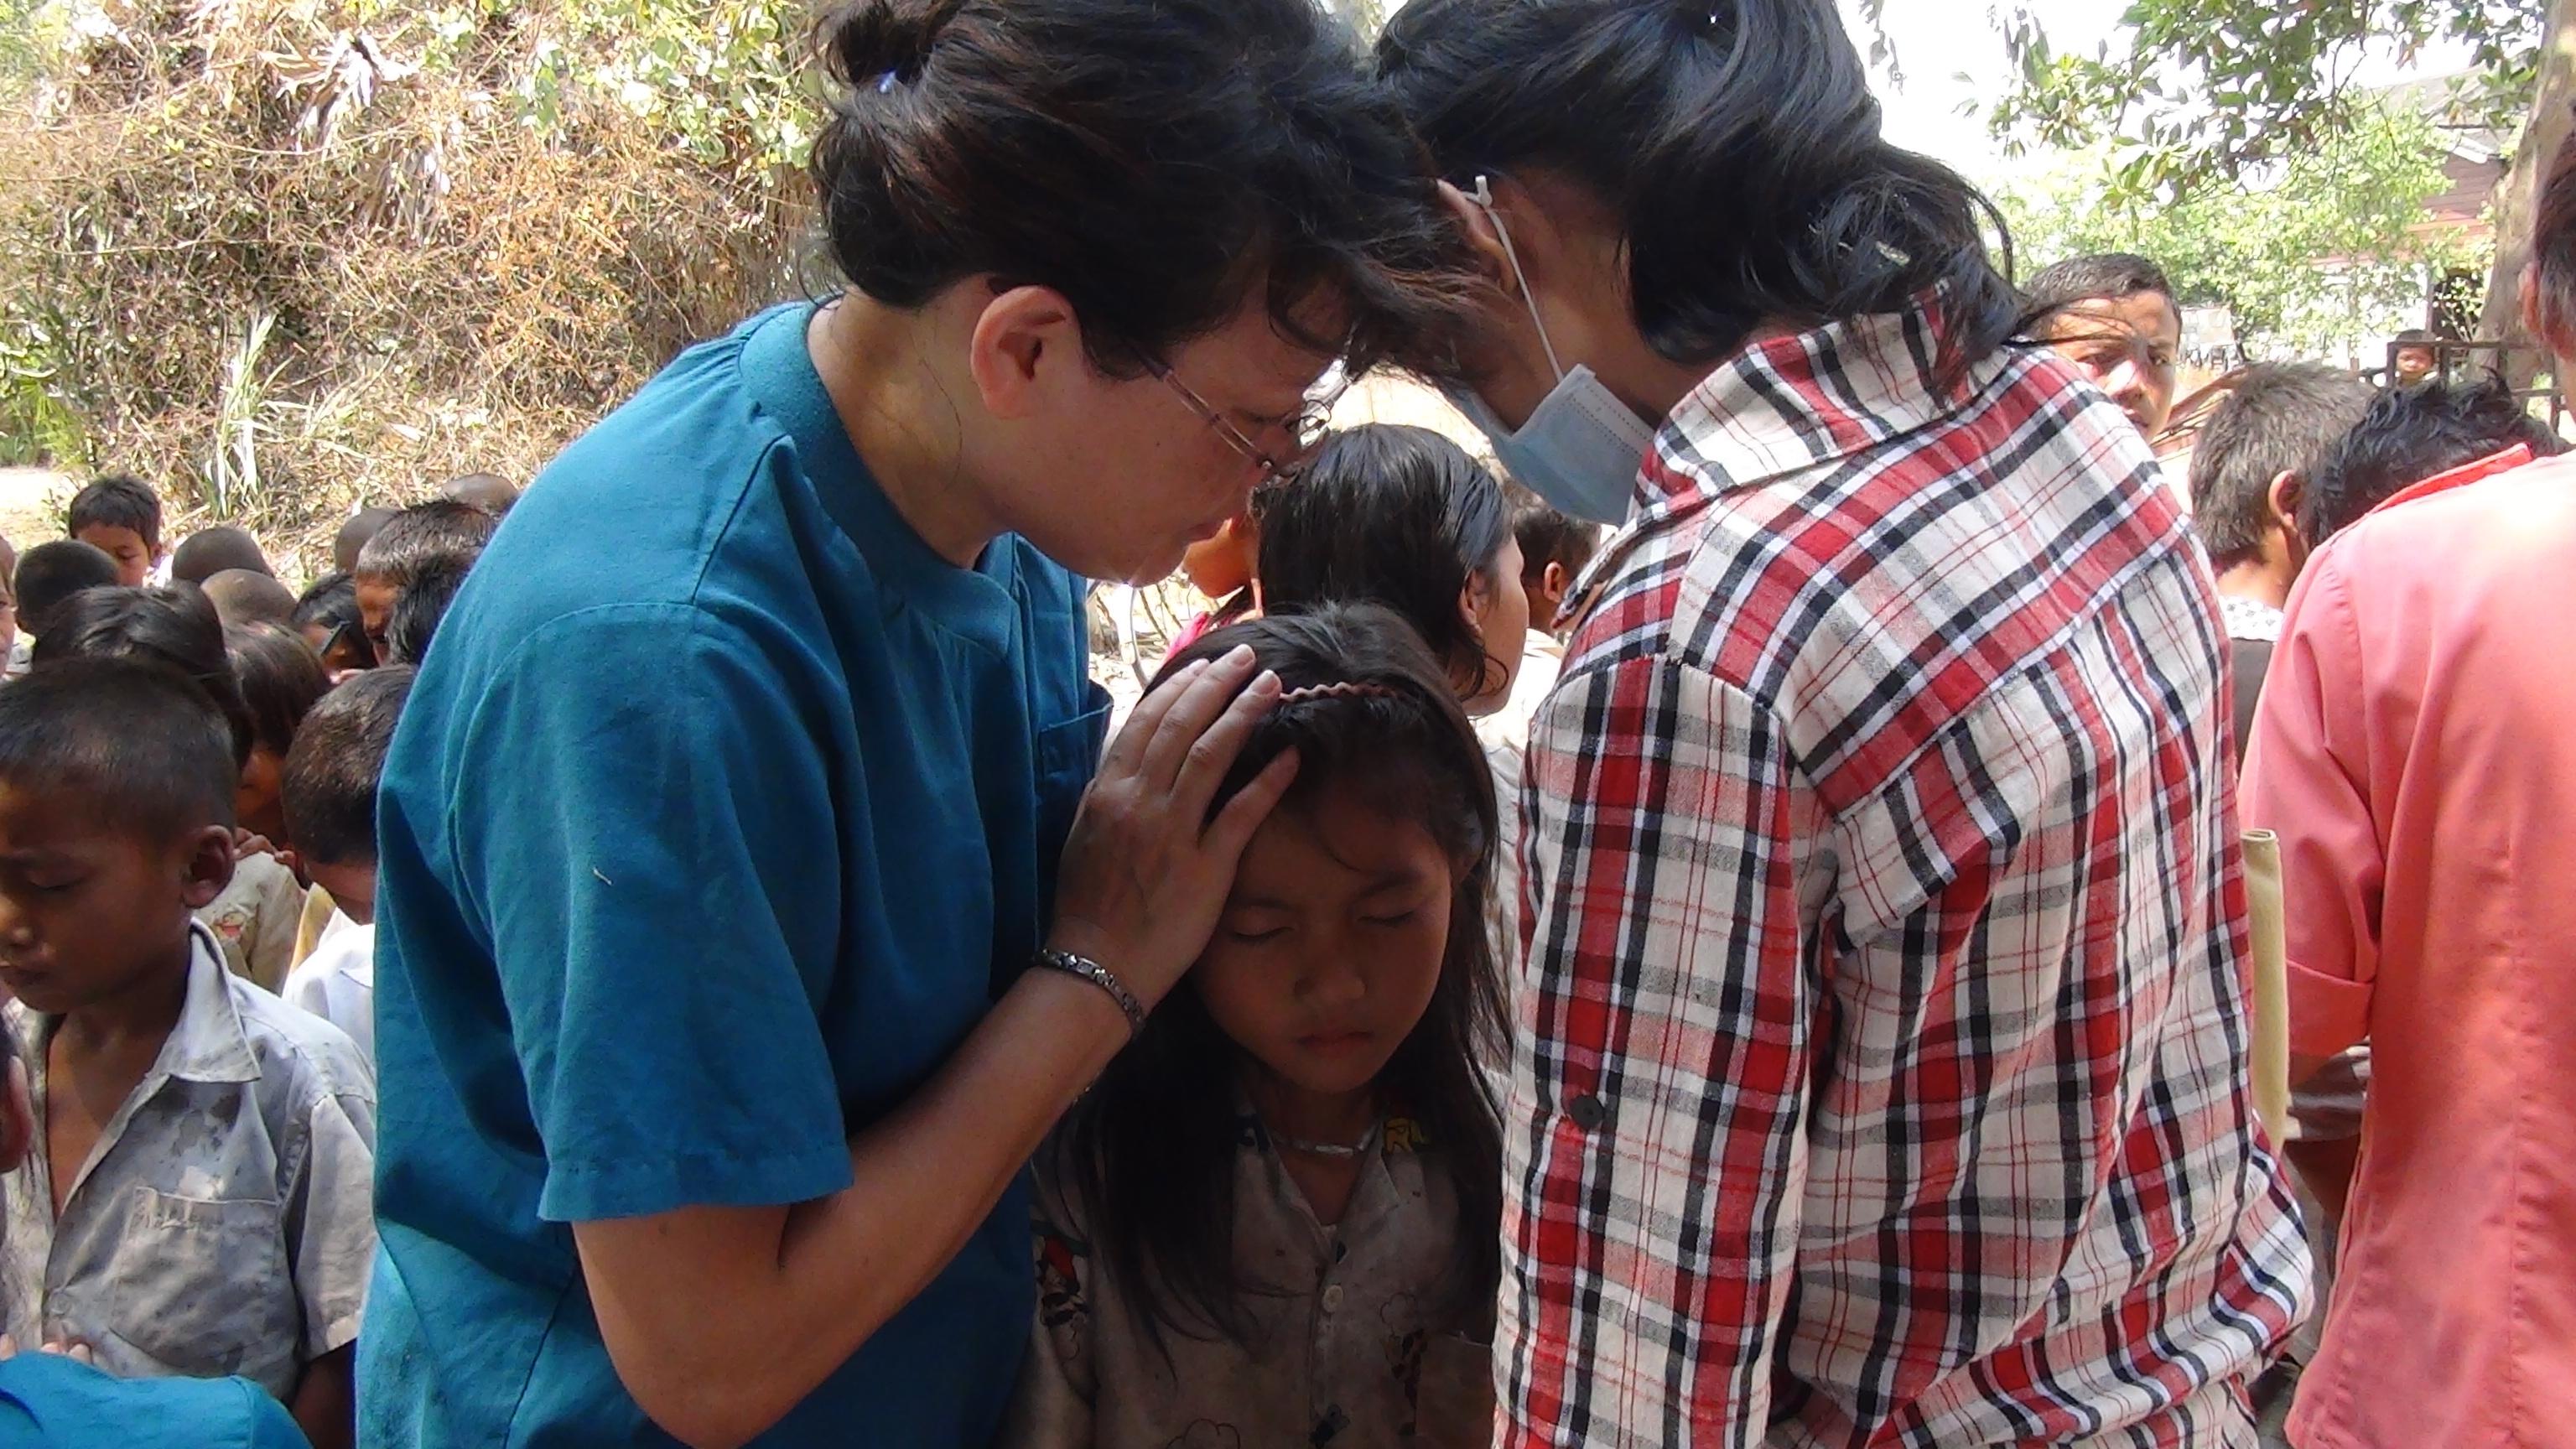 基督教歌谱我的快乐就是拥有你-十二月 2012 Asia for JESUS 亚洲青年